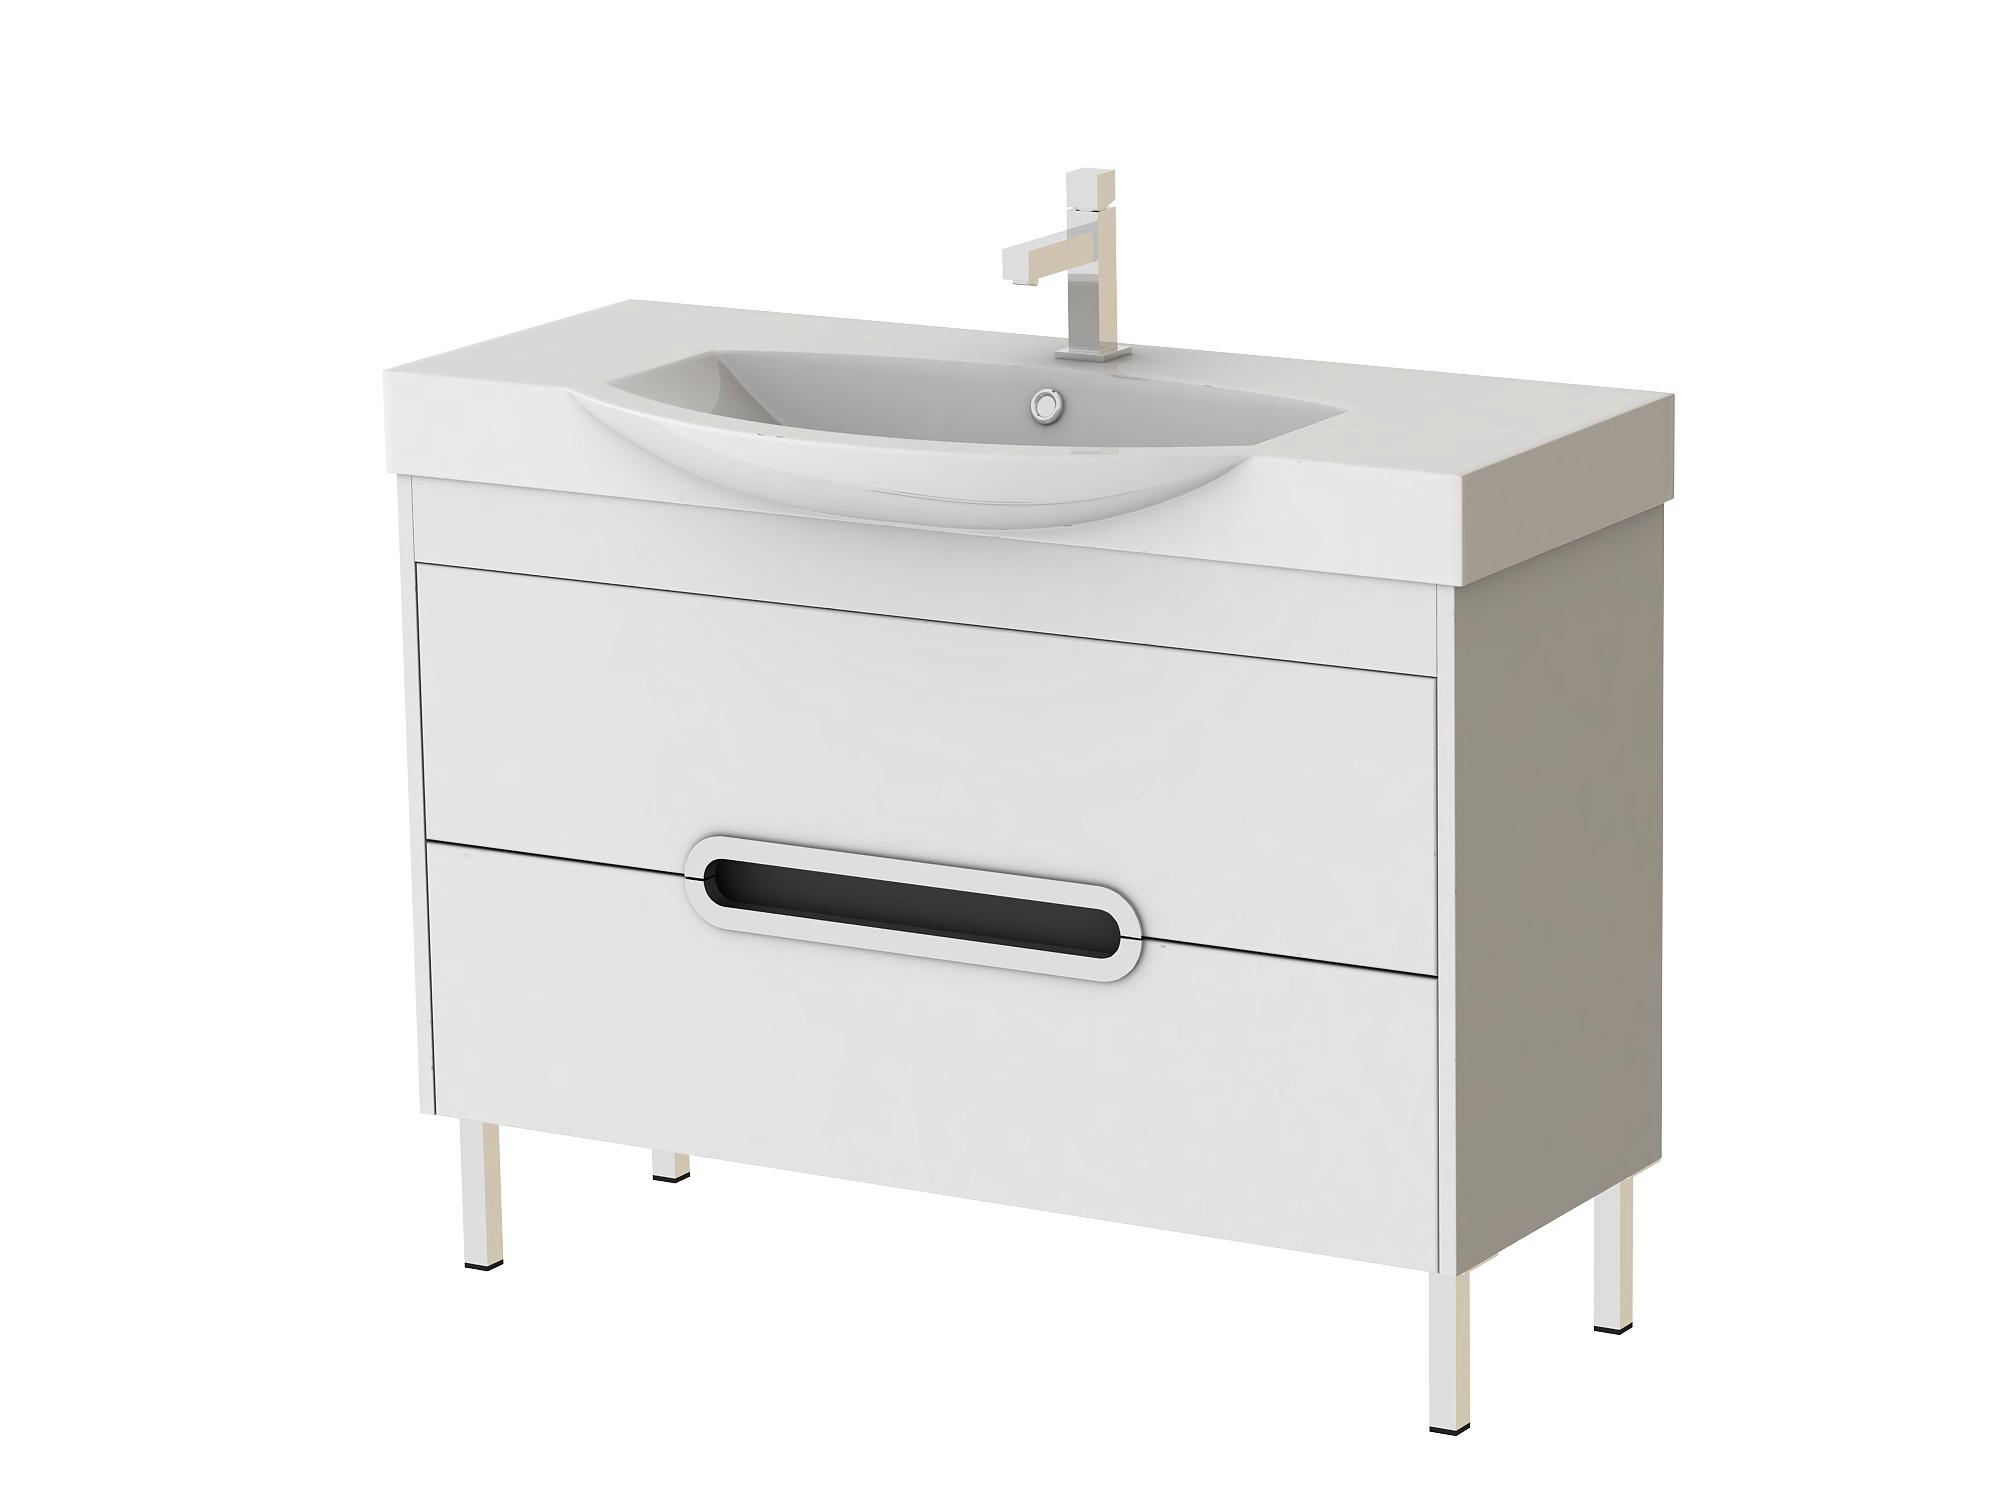 Koupelnová skříňka s umyvadlem - Juventa - Monza - Mn-100 W